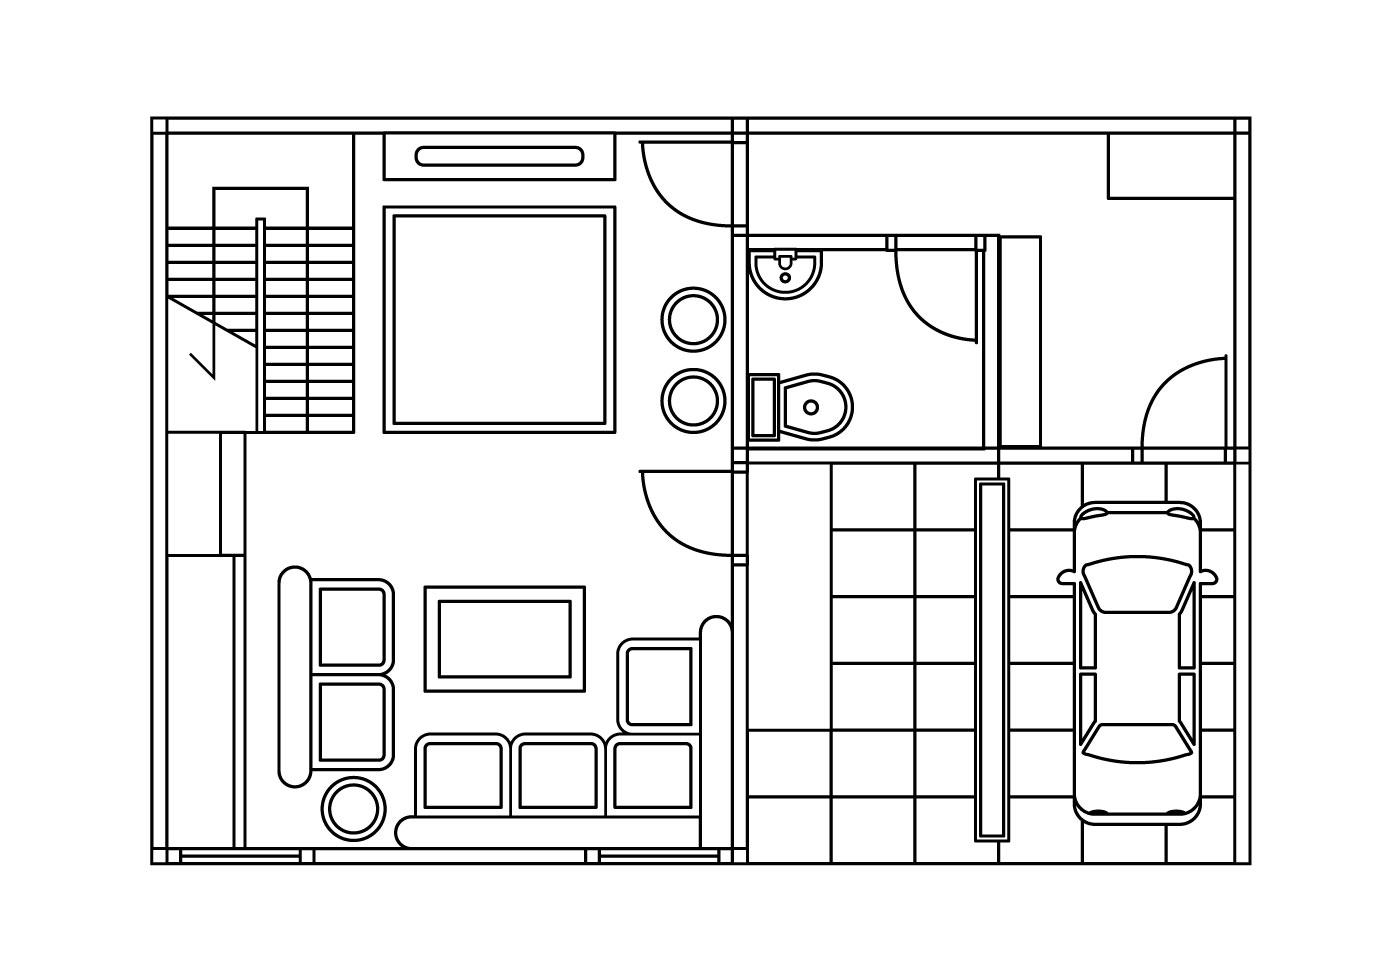 floor plan vector 128939 vector art at vecteezy